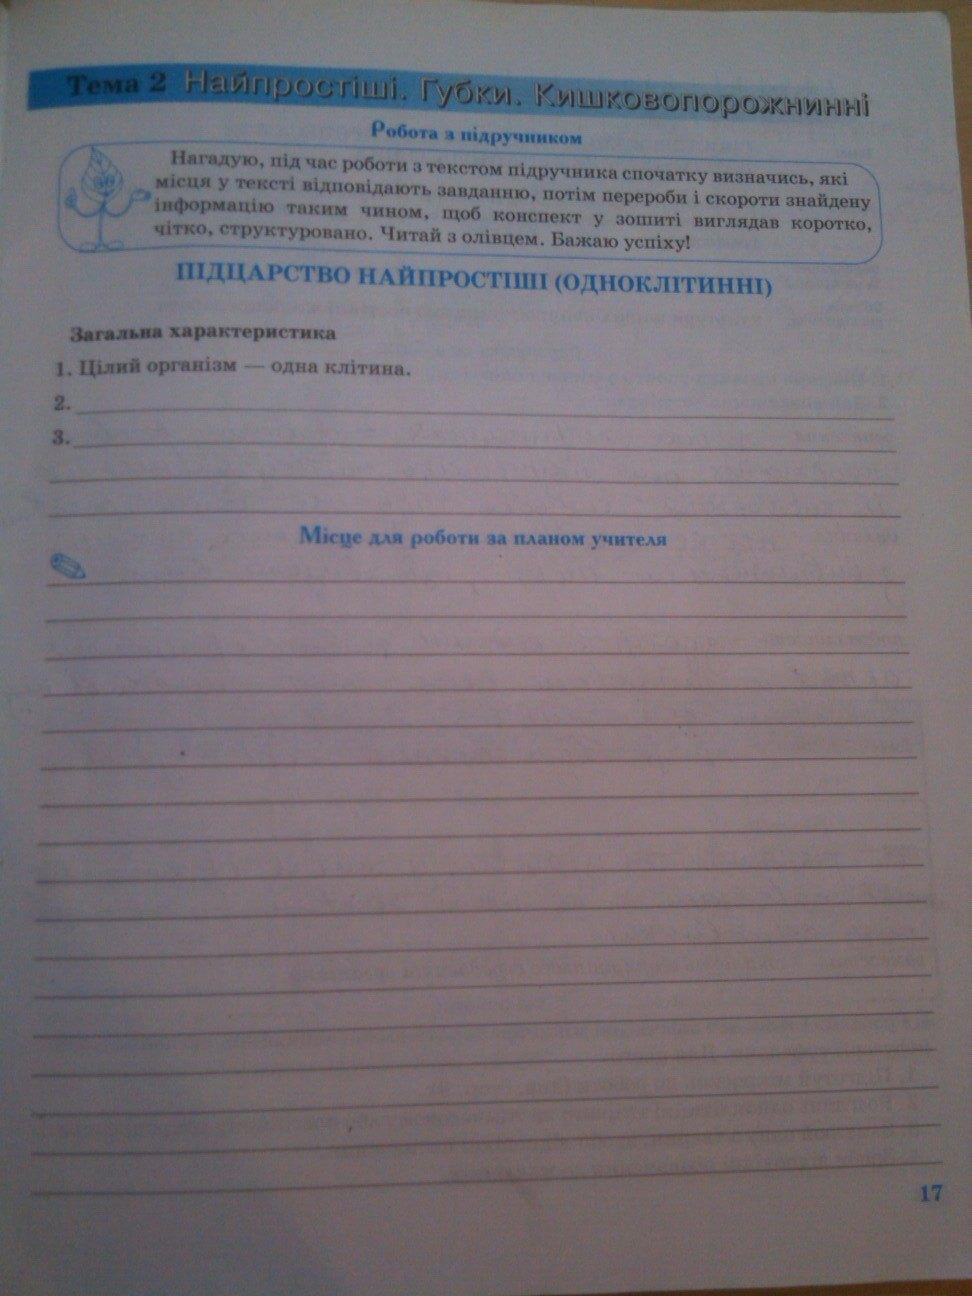 ГДЗ відповіді робочий зошит по биологии 8 класс О.В. Князева. Задание: стр. 17